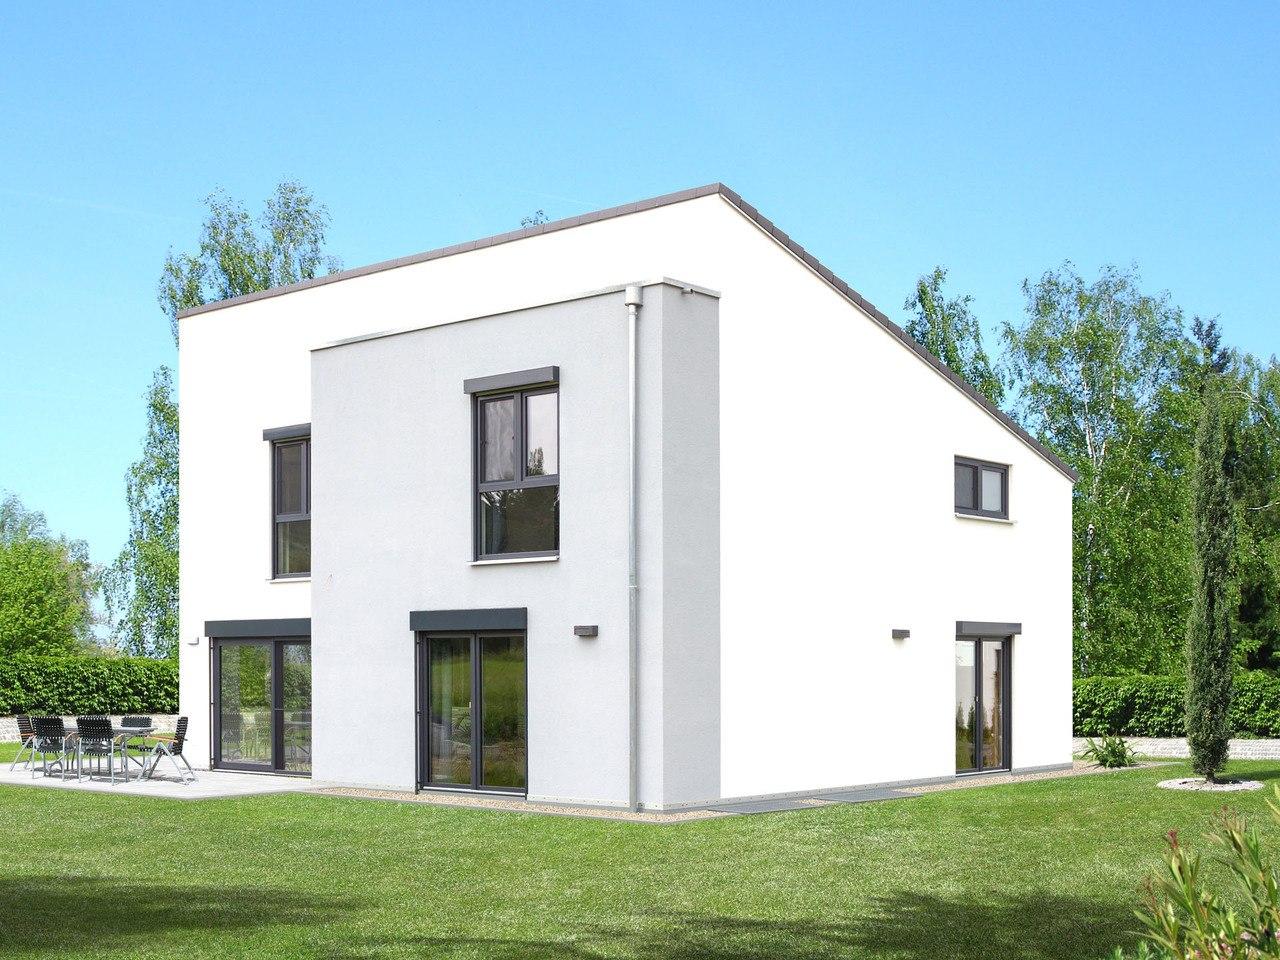 Pultdachhaus Homestory 463